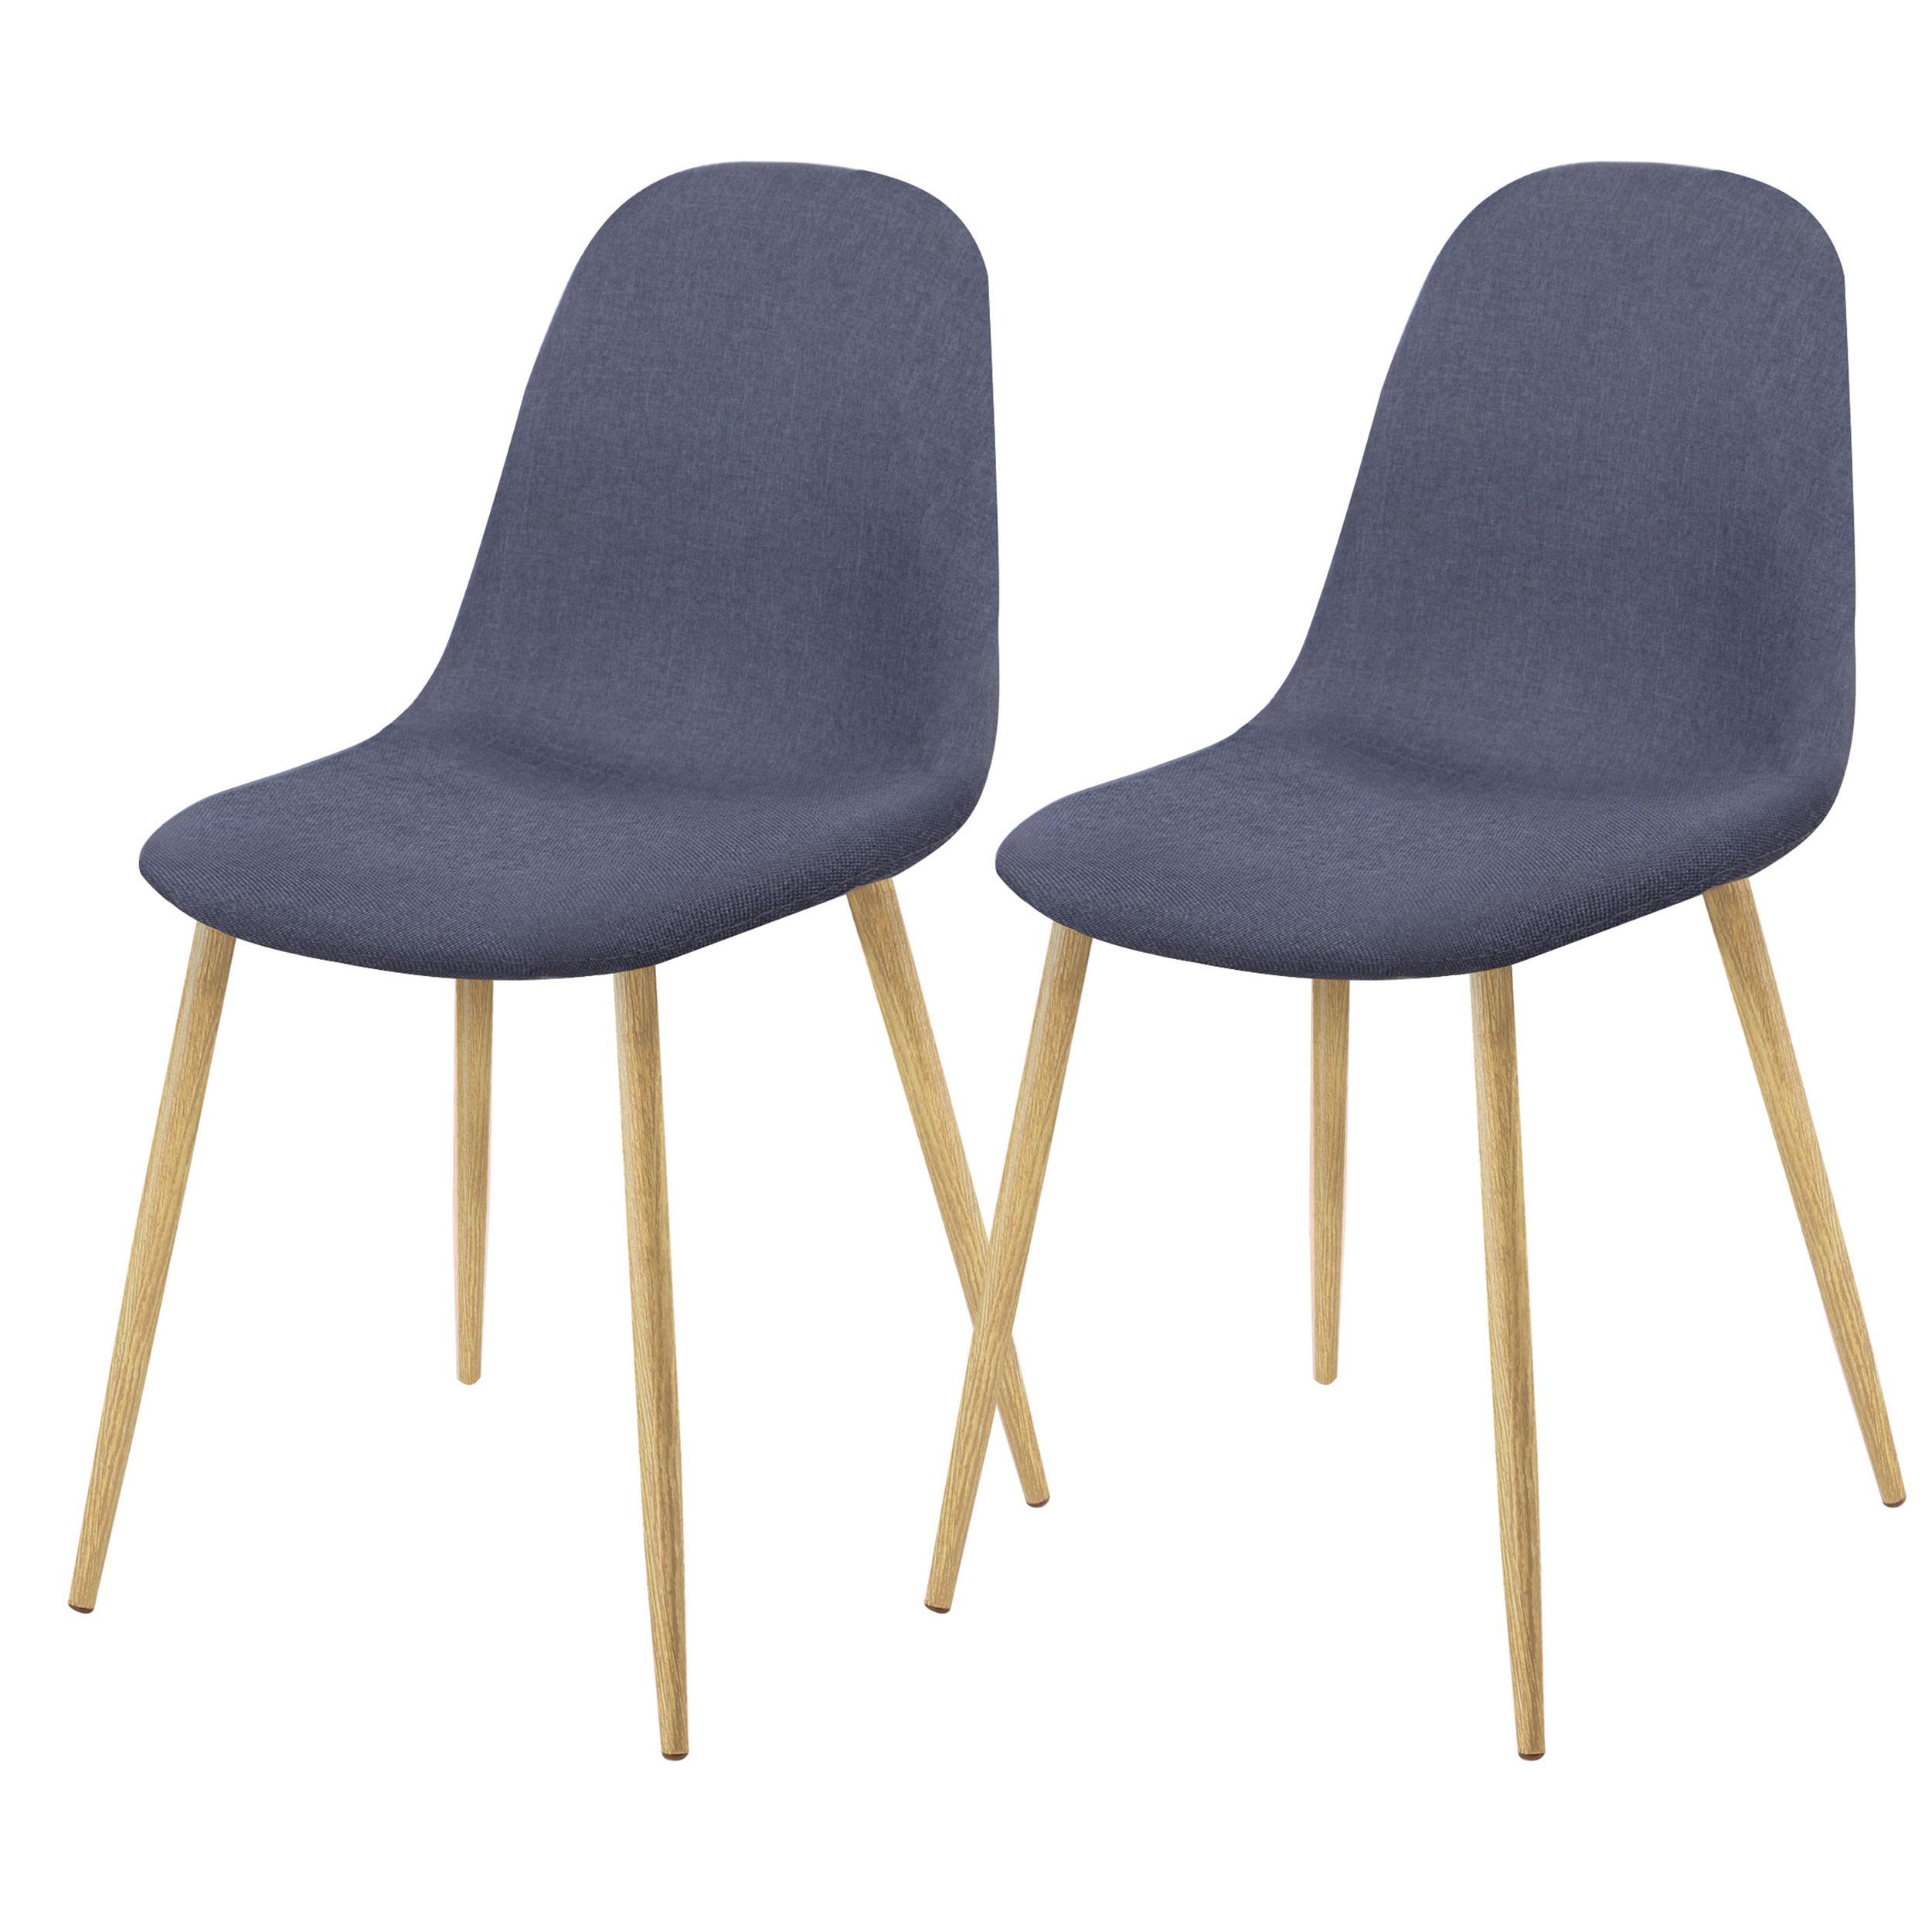 lot de 2 chaises en tissu bleues confortables scandinaves - Chaises Scandinaves Bleu